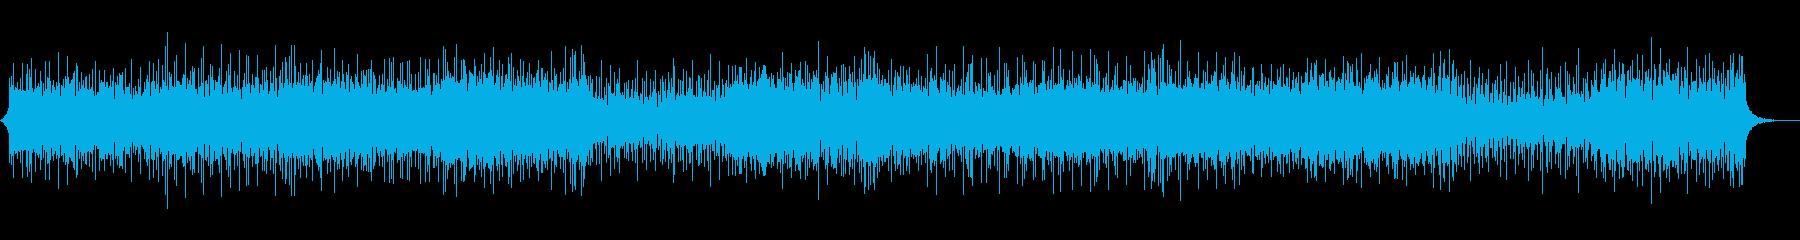 【ニュース】ニュース番組向け分析・解説Lの再生済みの波形